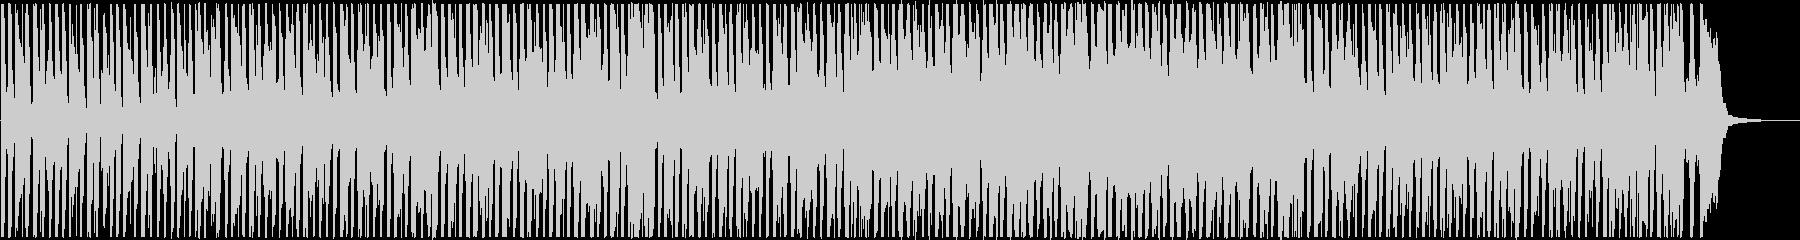 モータウンサウンド風の明るいBGMの未再生の波形